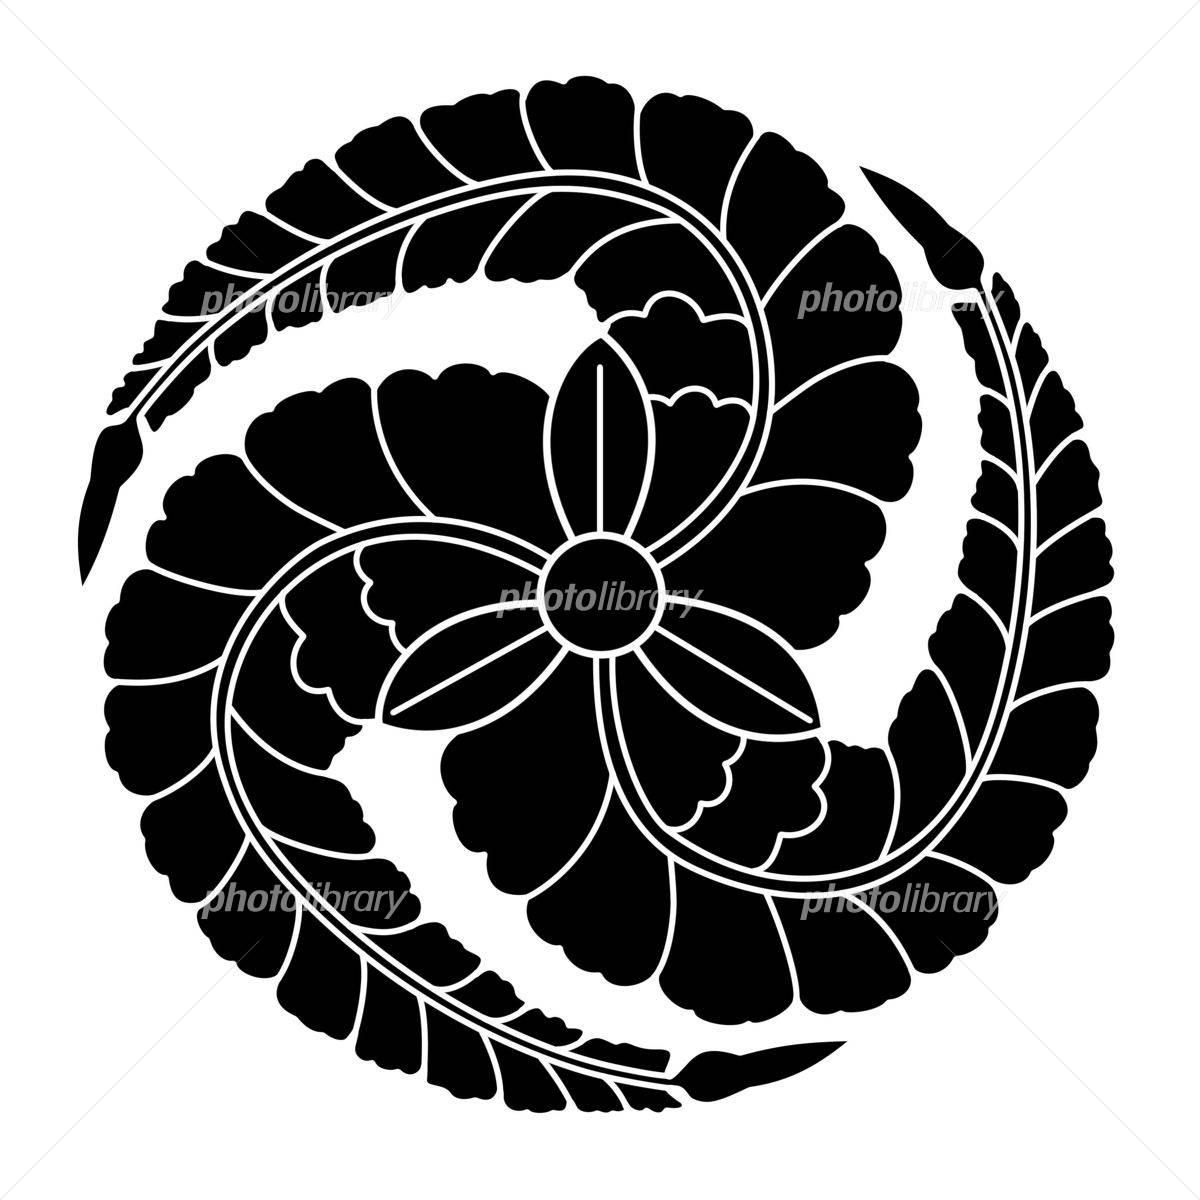 家紋 三つ藤巴 イラスト素材 2837433 フォトライブラリー Photolibrary